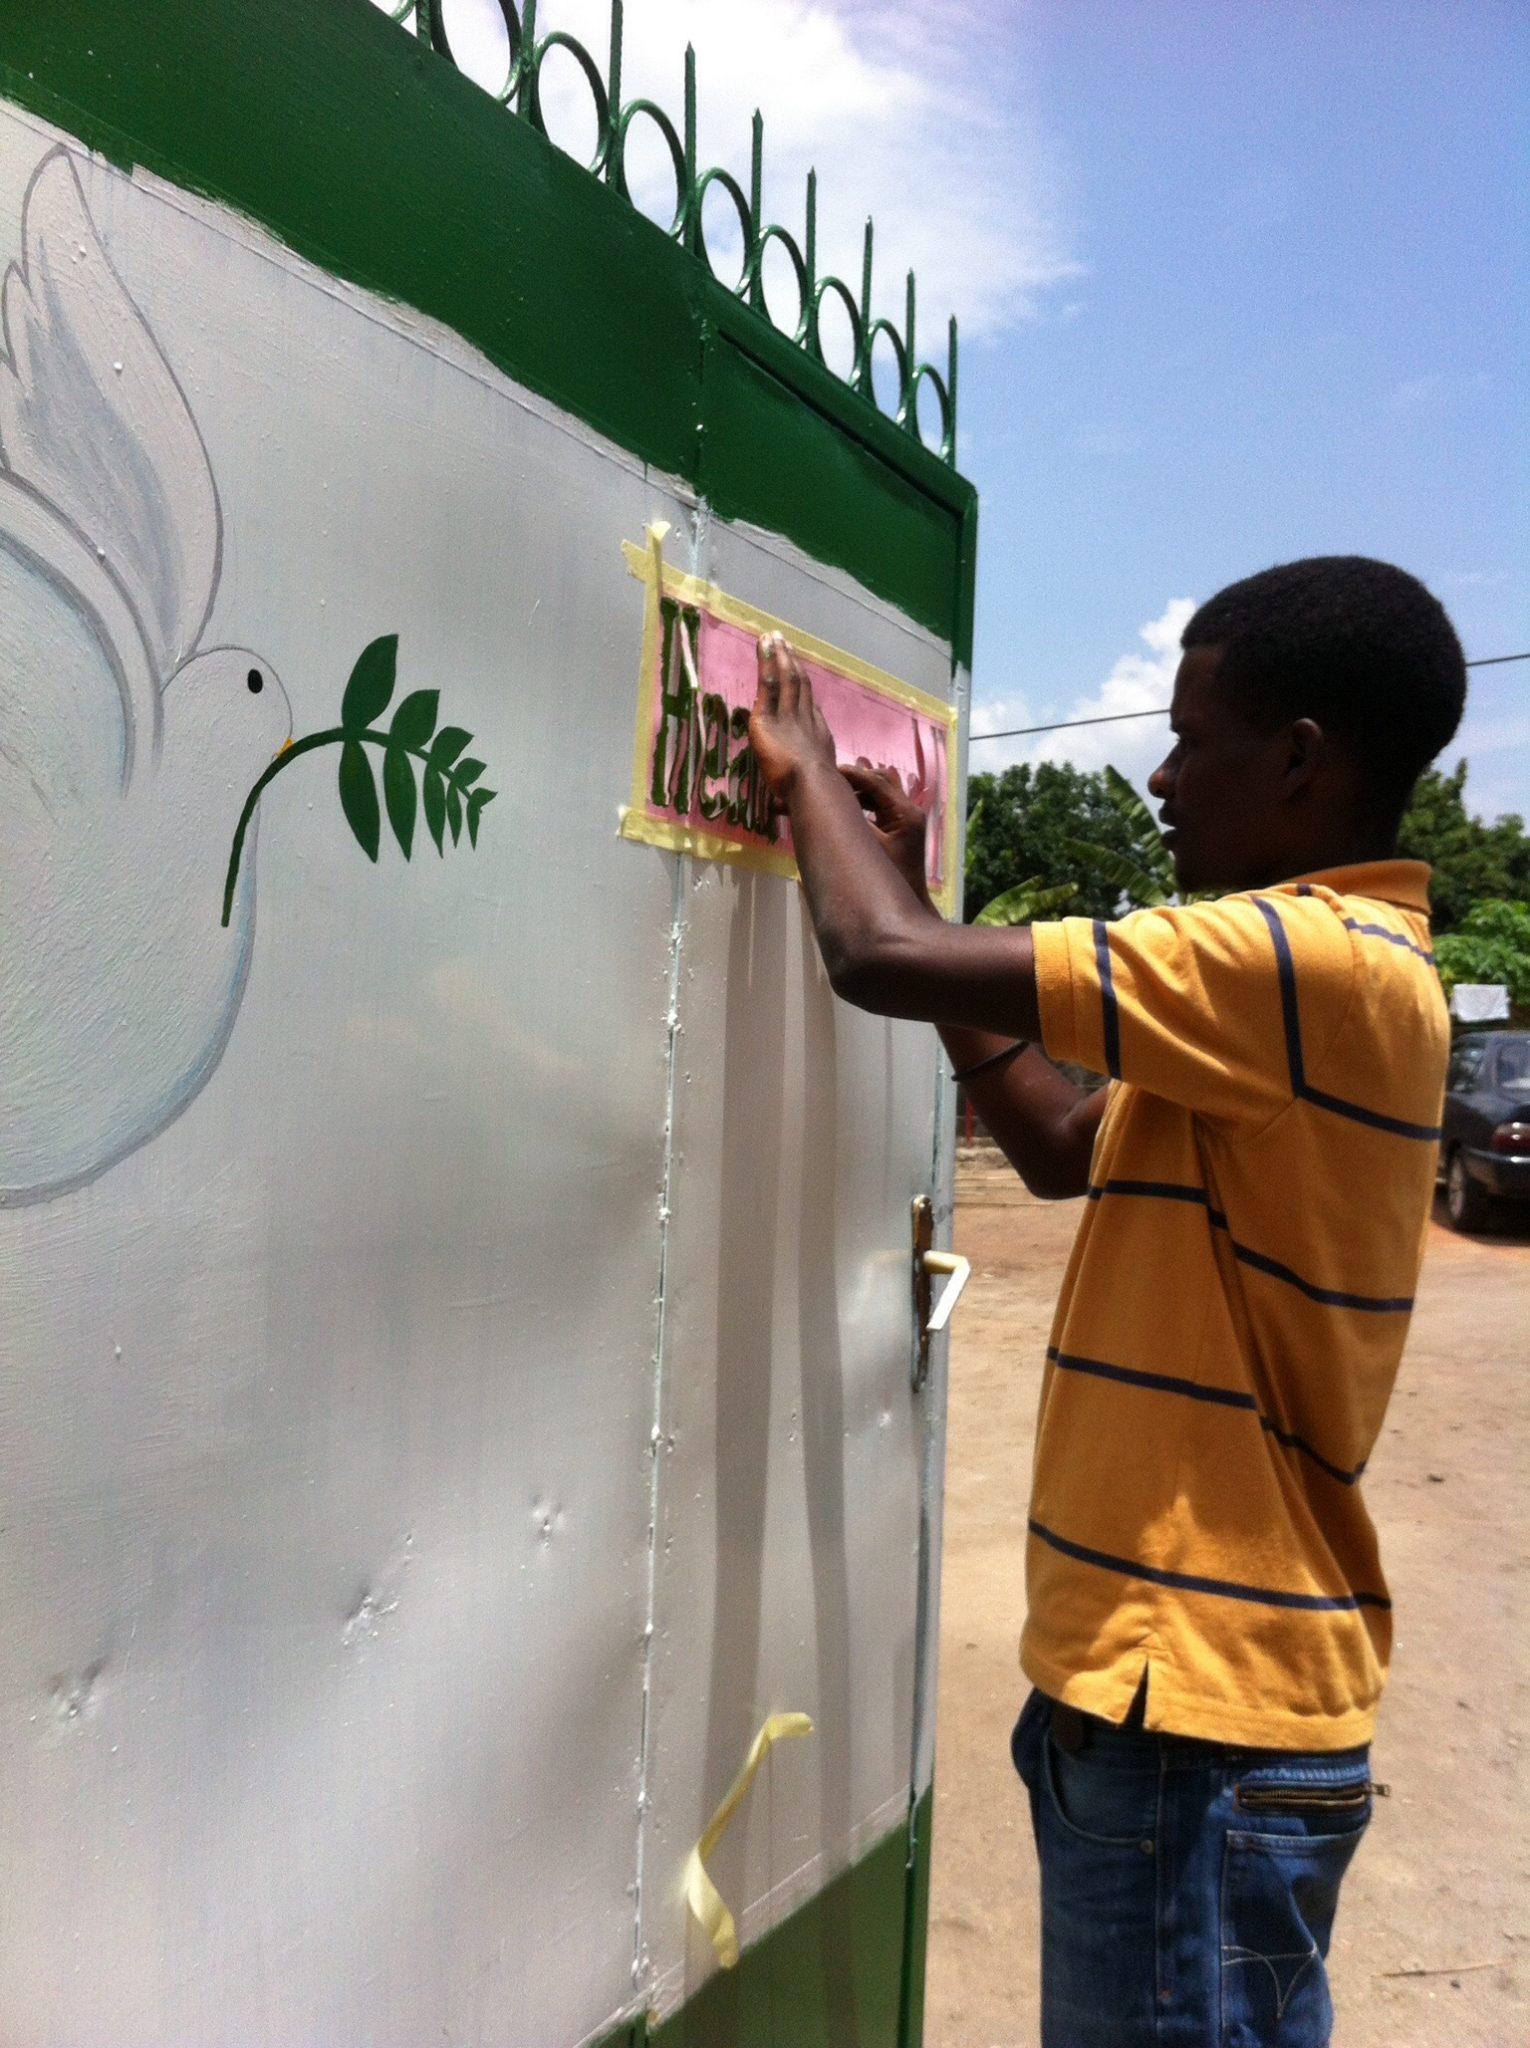 Alexis paints GROC gate